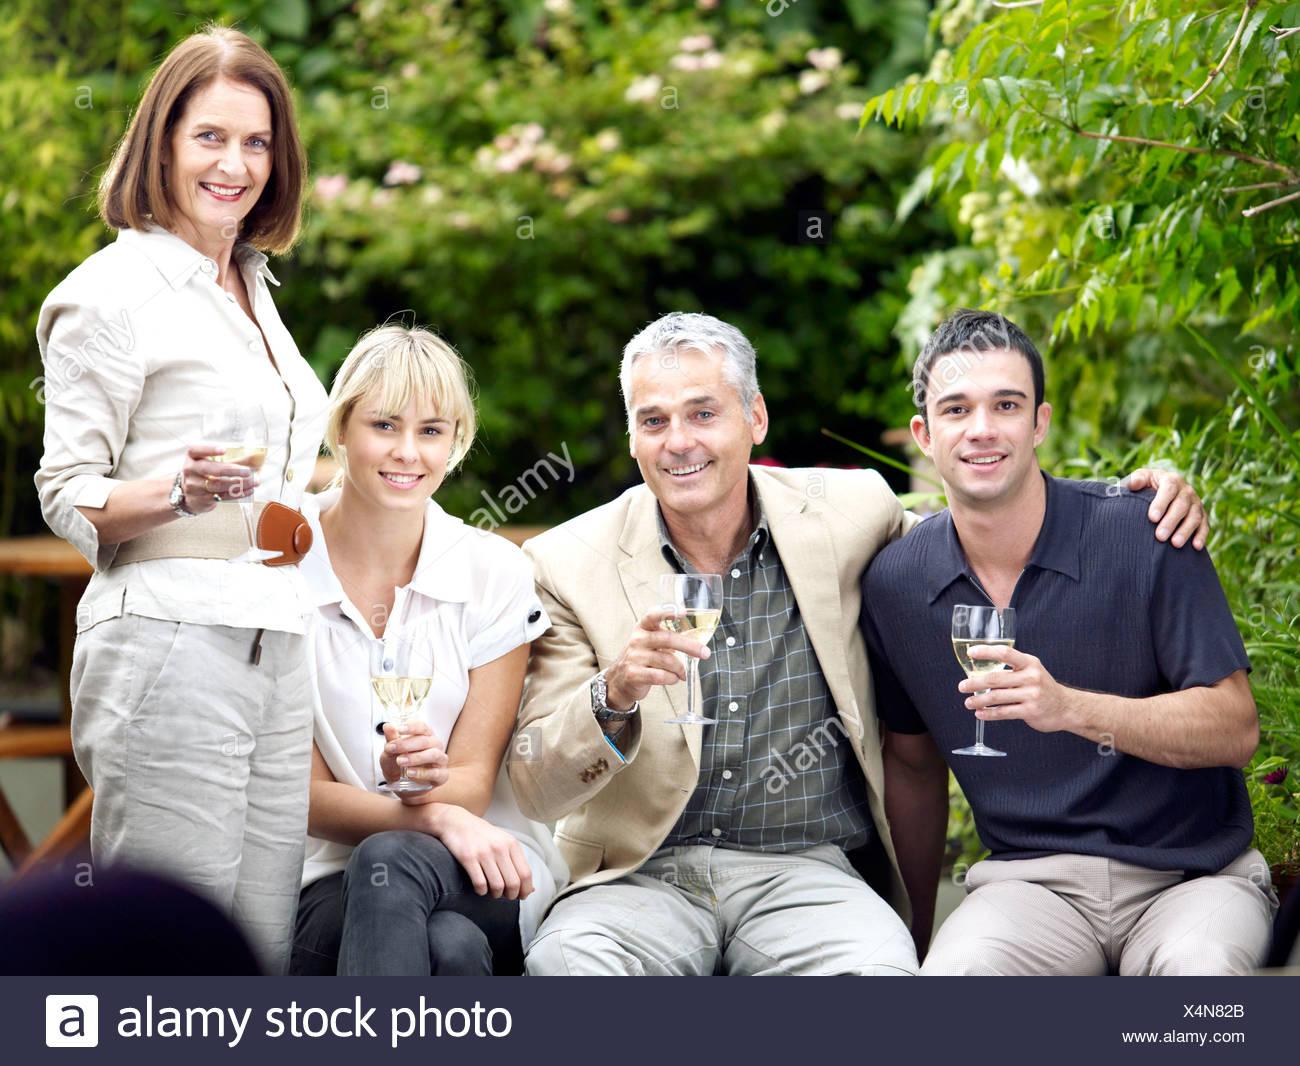 Con ocasión de la familia en el jardín Imagen De Stock